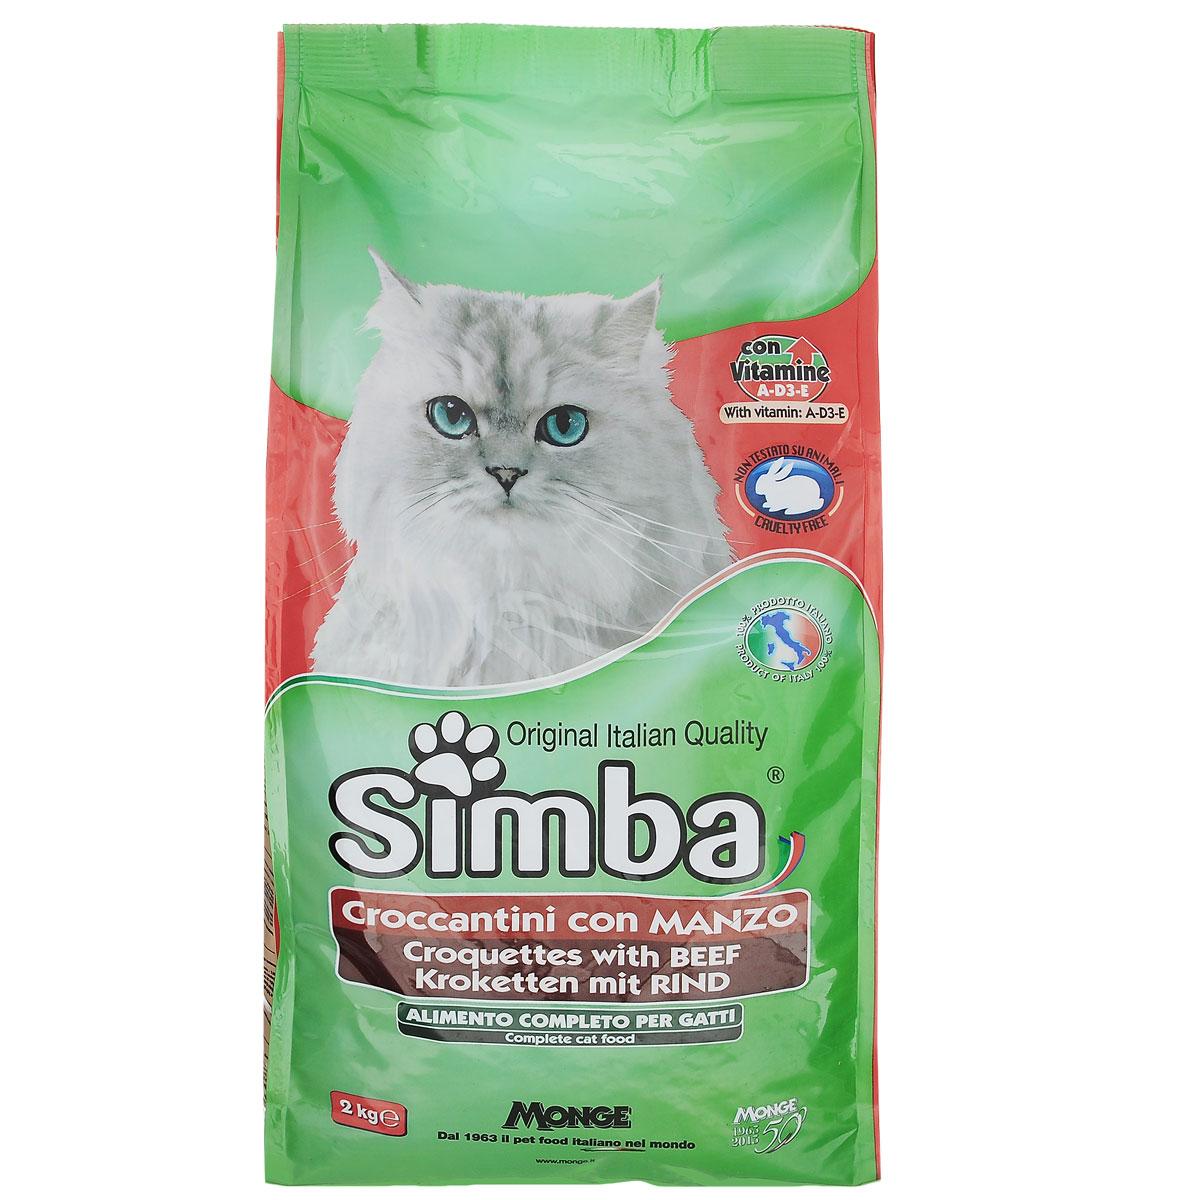 Корм сухой для кошек Monge Simba, с говядиной, 2 кг0120710Сухой корм для кошек Monge Simba - комплексный сбалансированный корм для кошек. Состав: злаки, мясо и мясопродукты (говядина мин. 5%), субпродукты растительного происхождения, растительные масла, жиры, дрожжи, минеральные вещества. Анализ компонентов: белок 26%, необработанные масла и жиры 11%, необработанные пищевые волокна 2,5%, необработанная зола 8,5%. Пищевые добавки (на 1 кг): витамин А 11500 МЕ, витамин D3 800 МЕ, витамин Е 80 мг, сульфат марганца 43 мг (марганец 15 мг), оксид цинка 90 мг (цинк 60 мг), сульфат меди 22 мг (медь 5,5 мг), сульфат железа 150 мг (железо 50 мг), селенид натрия 0,20 мг (селен 0,09 мг), йодид кальция 1,15 мг (йод 0,7 мг). Аминокислоты: таурин 500 мг/кг. Вес: 2 кг. Товар сертифицирован.